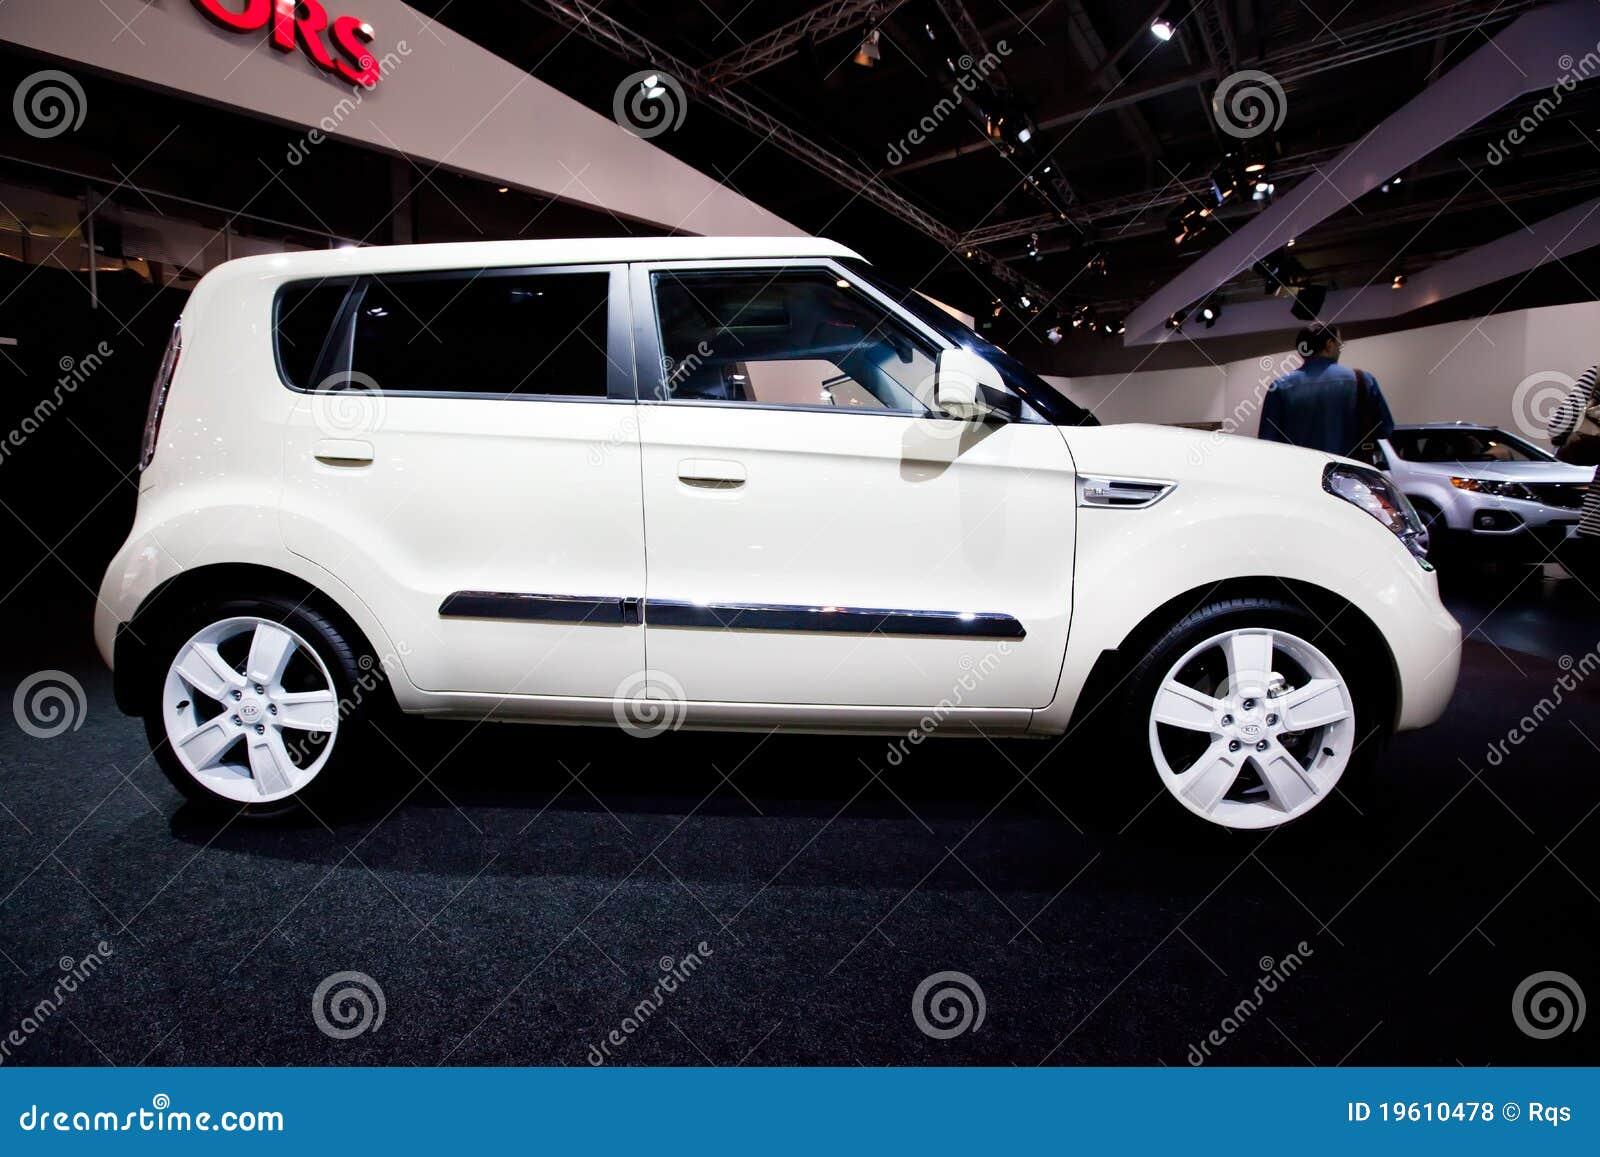 White Kia Soul >> White Car Kia Soul Editorial Stock Photo - Image: 19610478